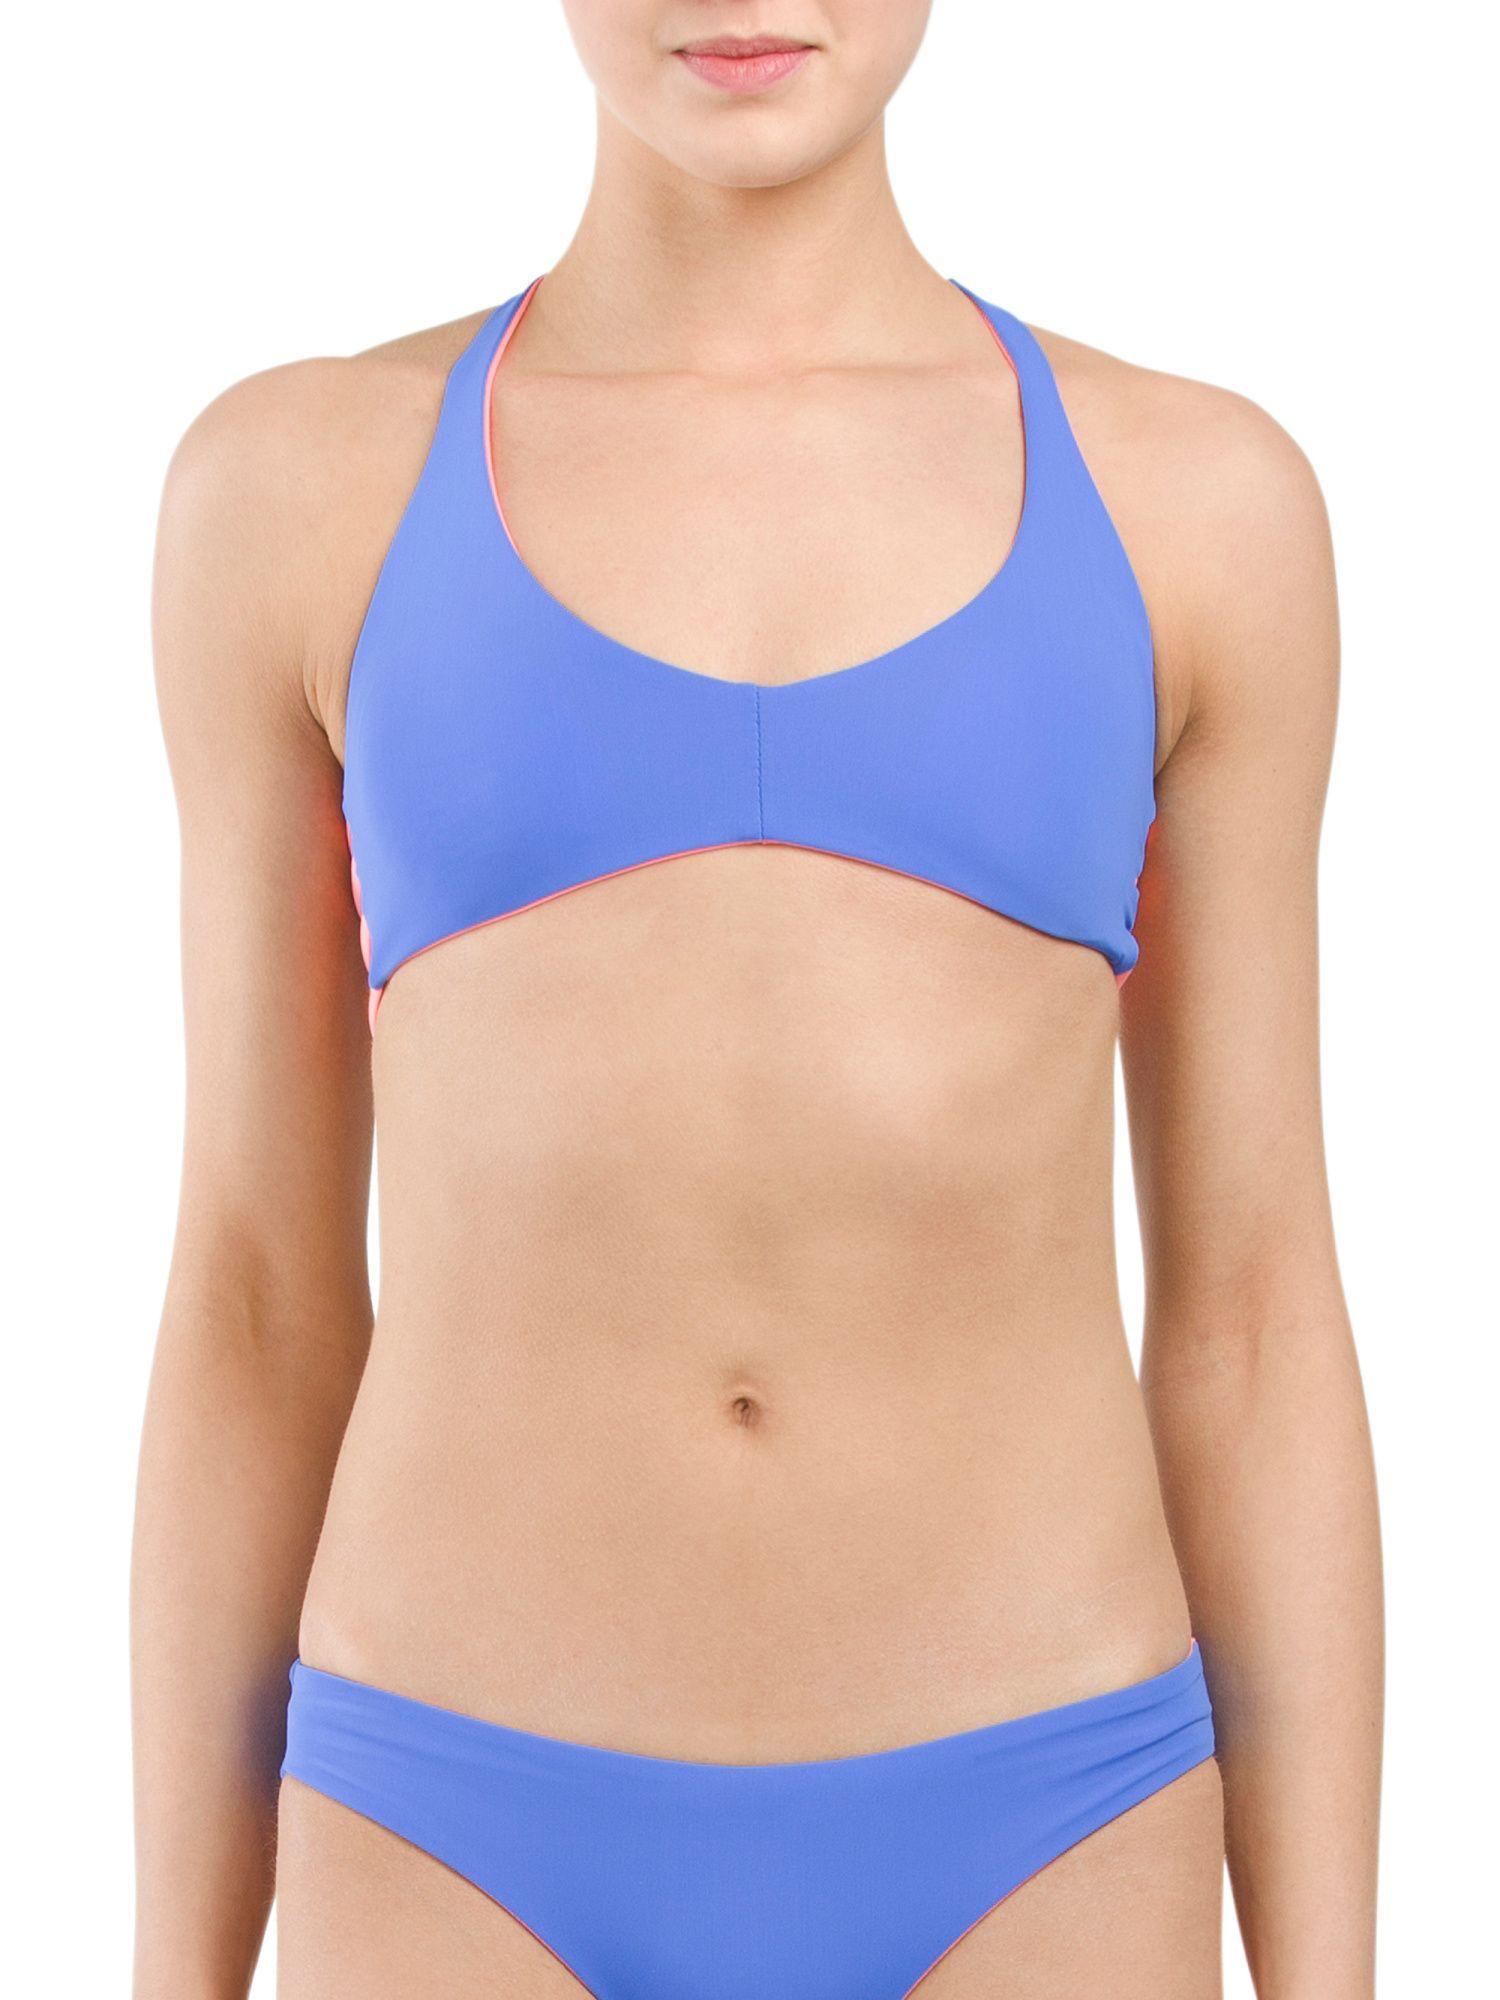 Bikini retail usa